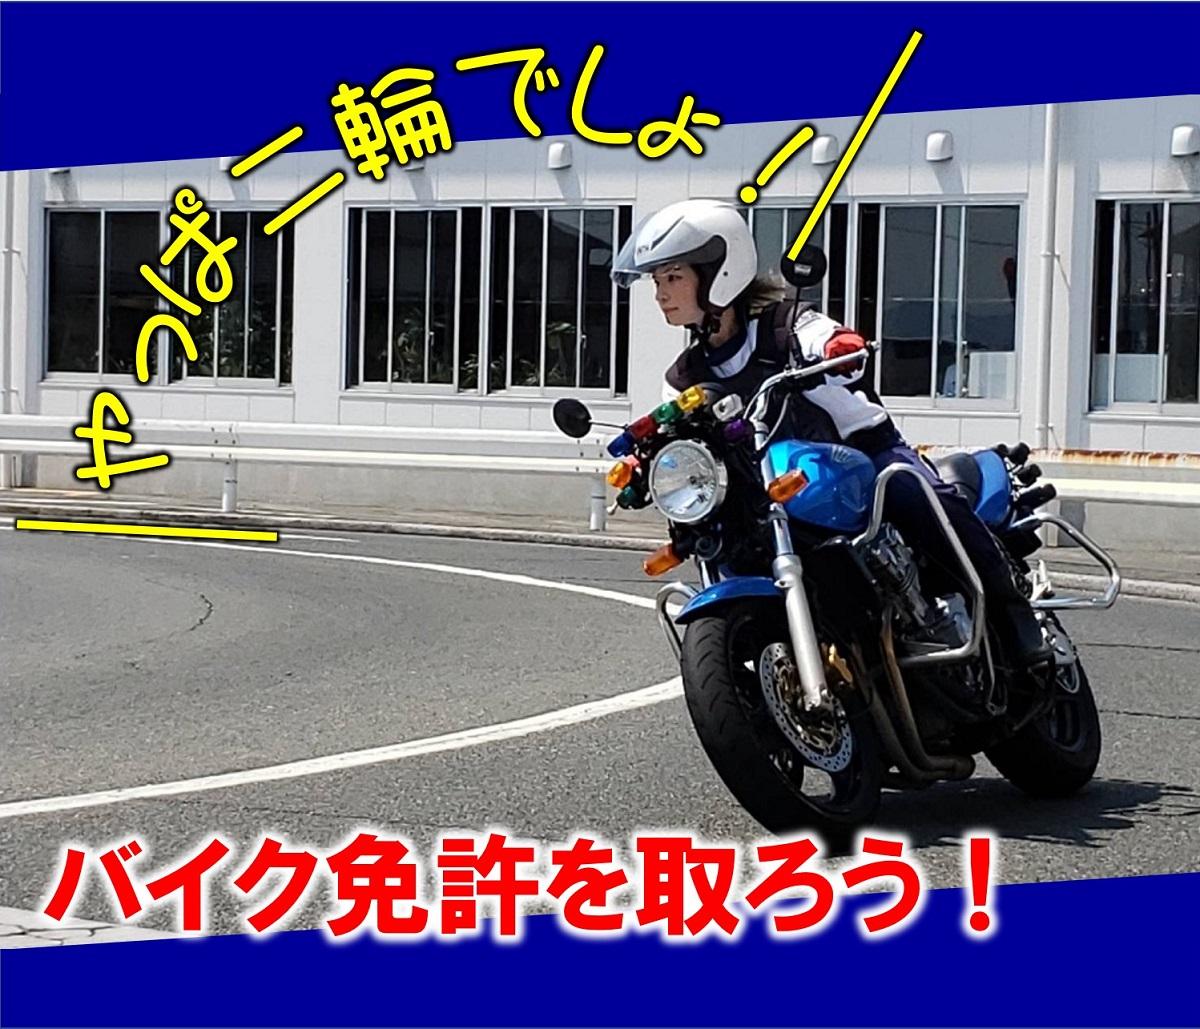 バイク免許を取ろう 広島の公認自動車学校ロイヤルドライビングスクール